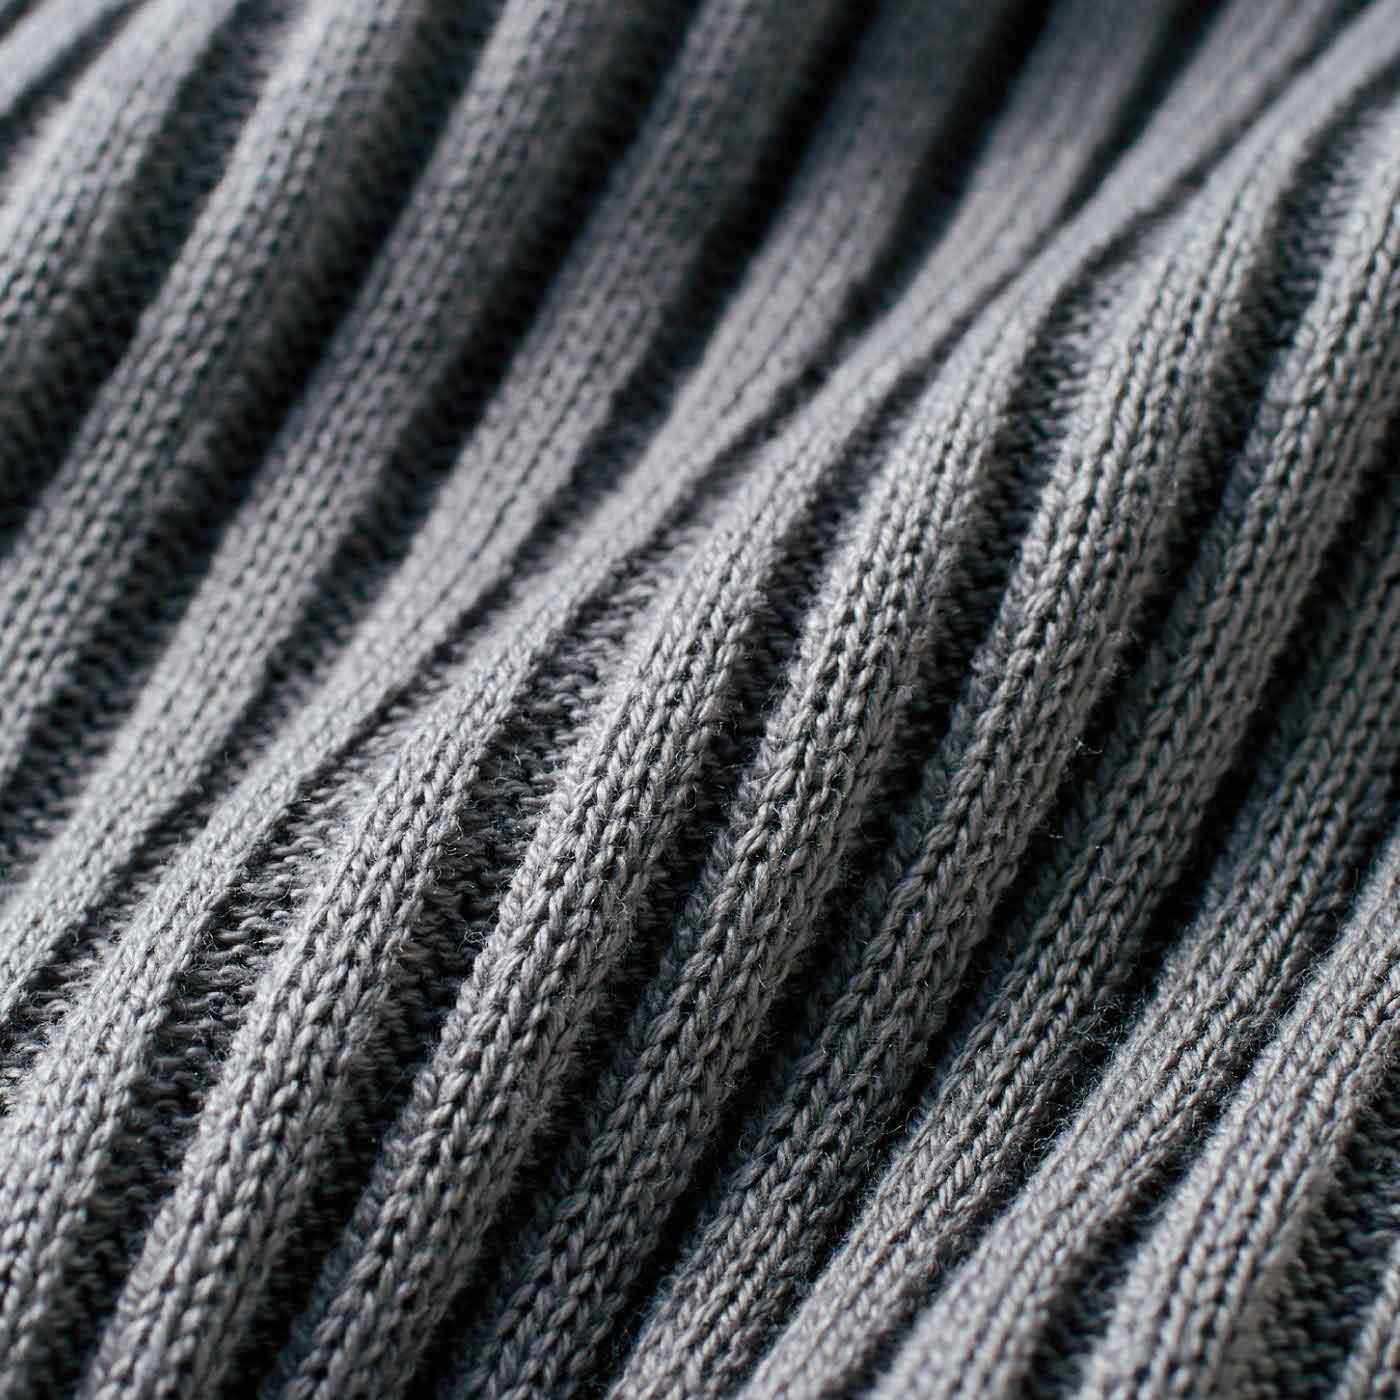 縦のリブ編みで抜群の細見え効果。